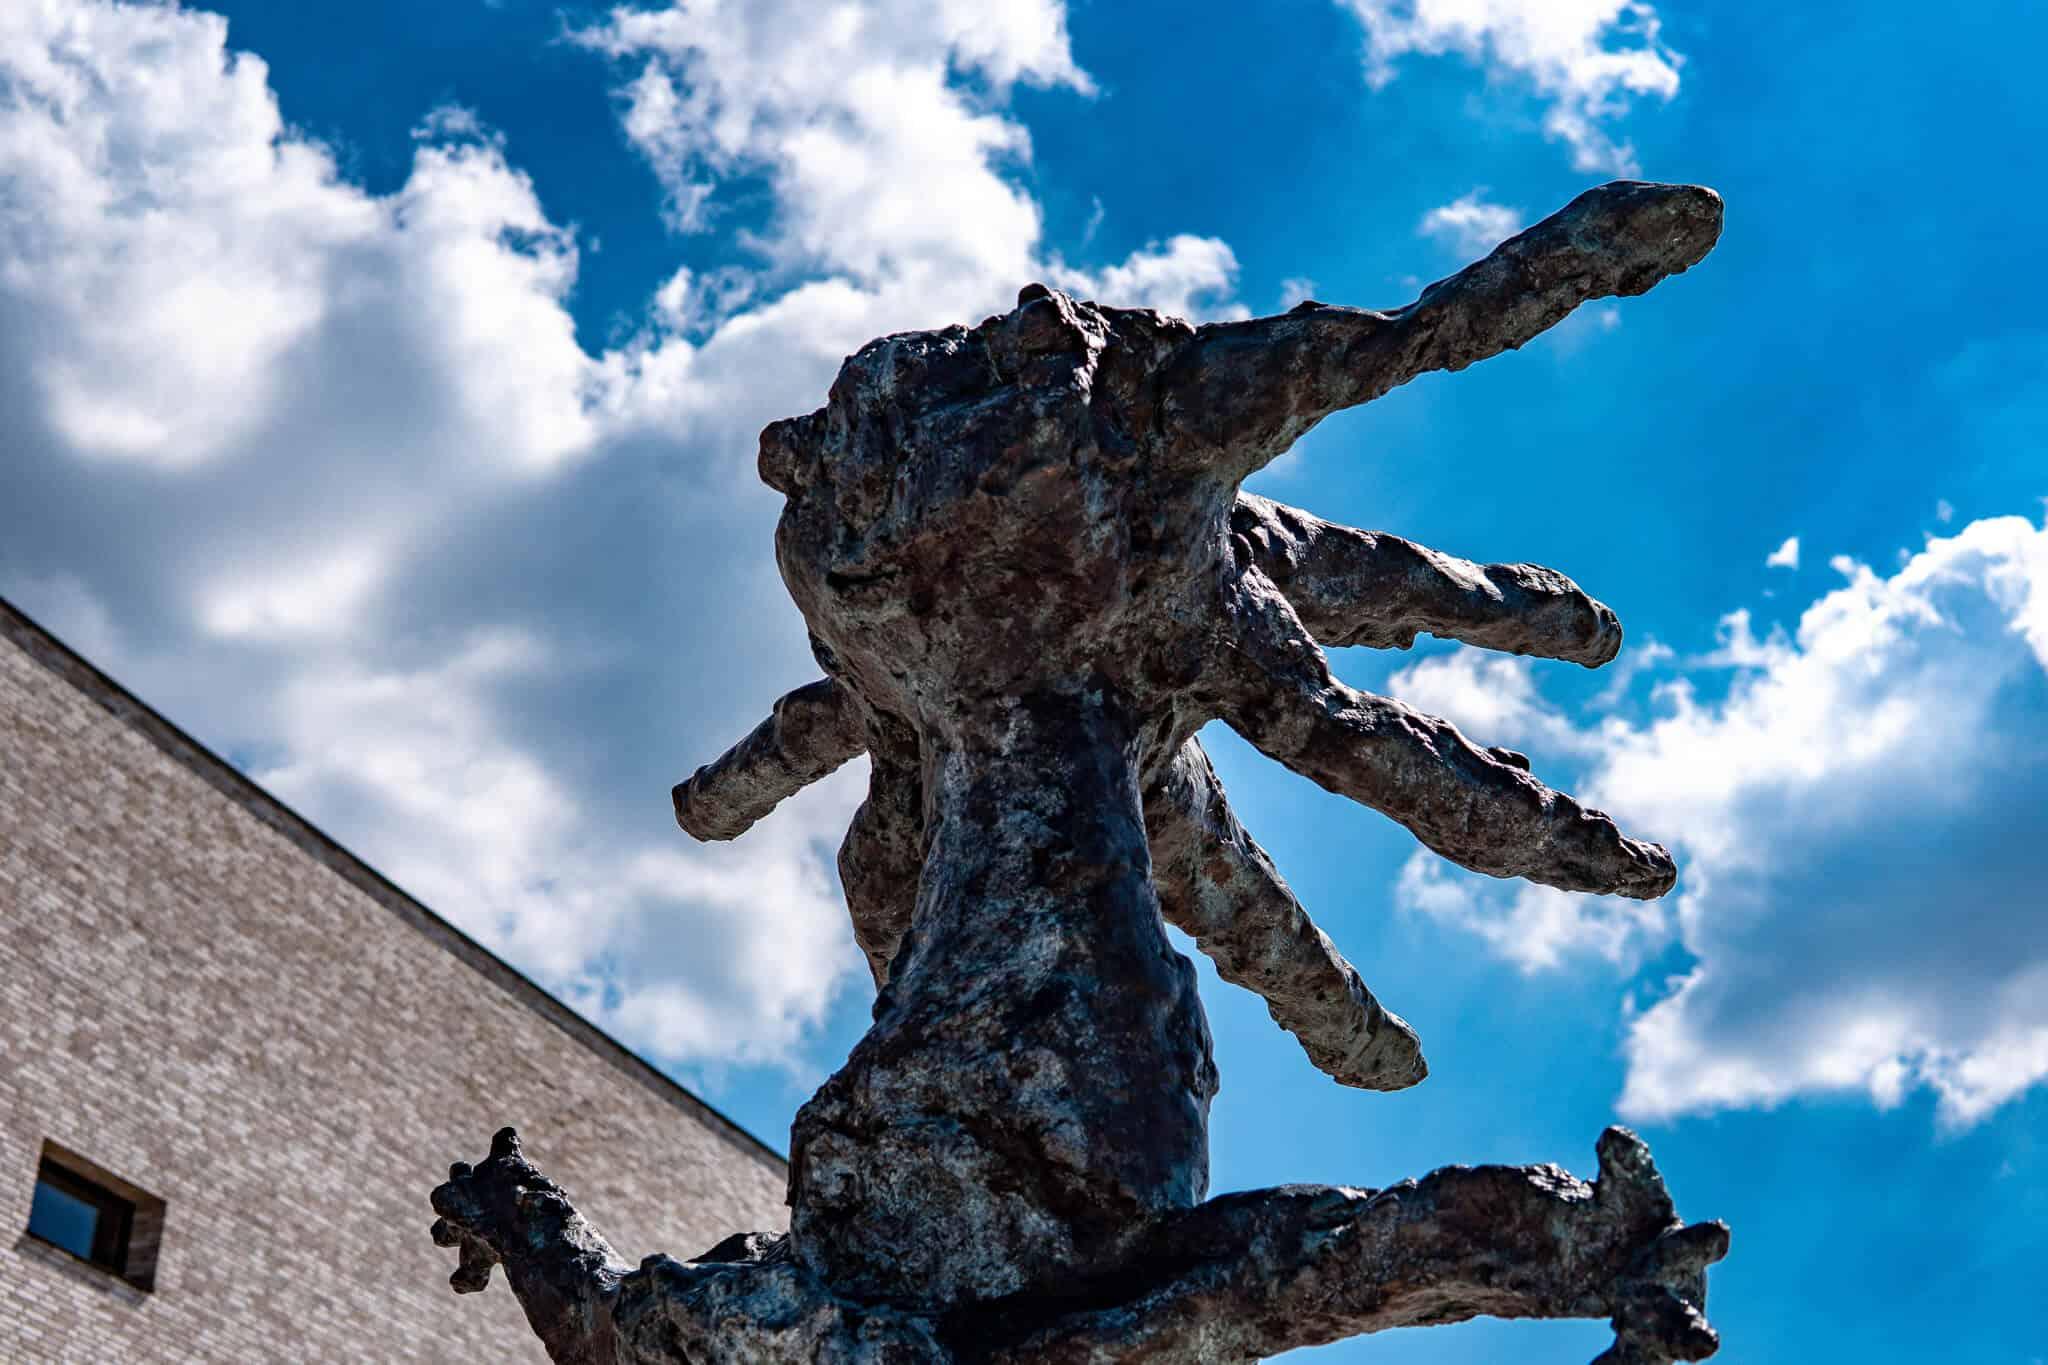 Schneewittchen Skulptur Lohr am Main 3